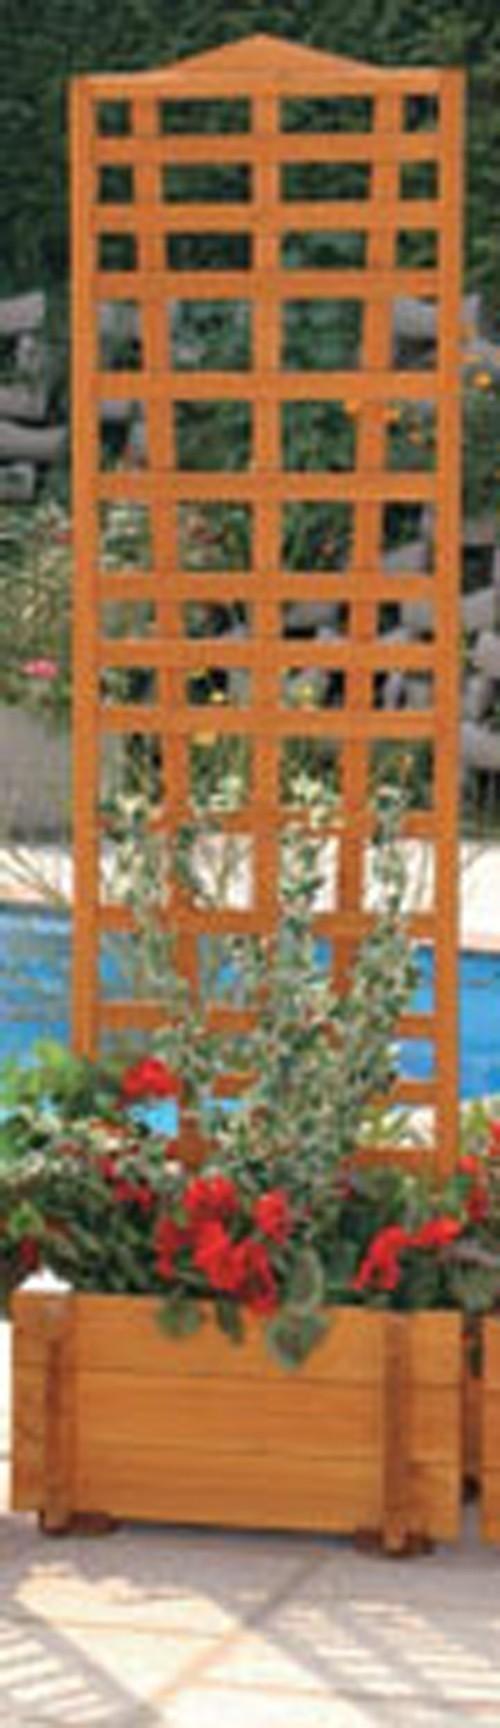 Blumenkasten mit Spalier Mirabell 55x180cm Bild 1